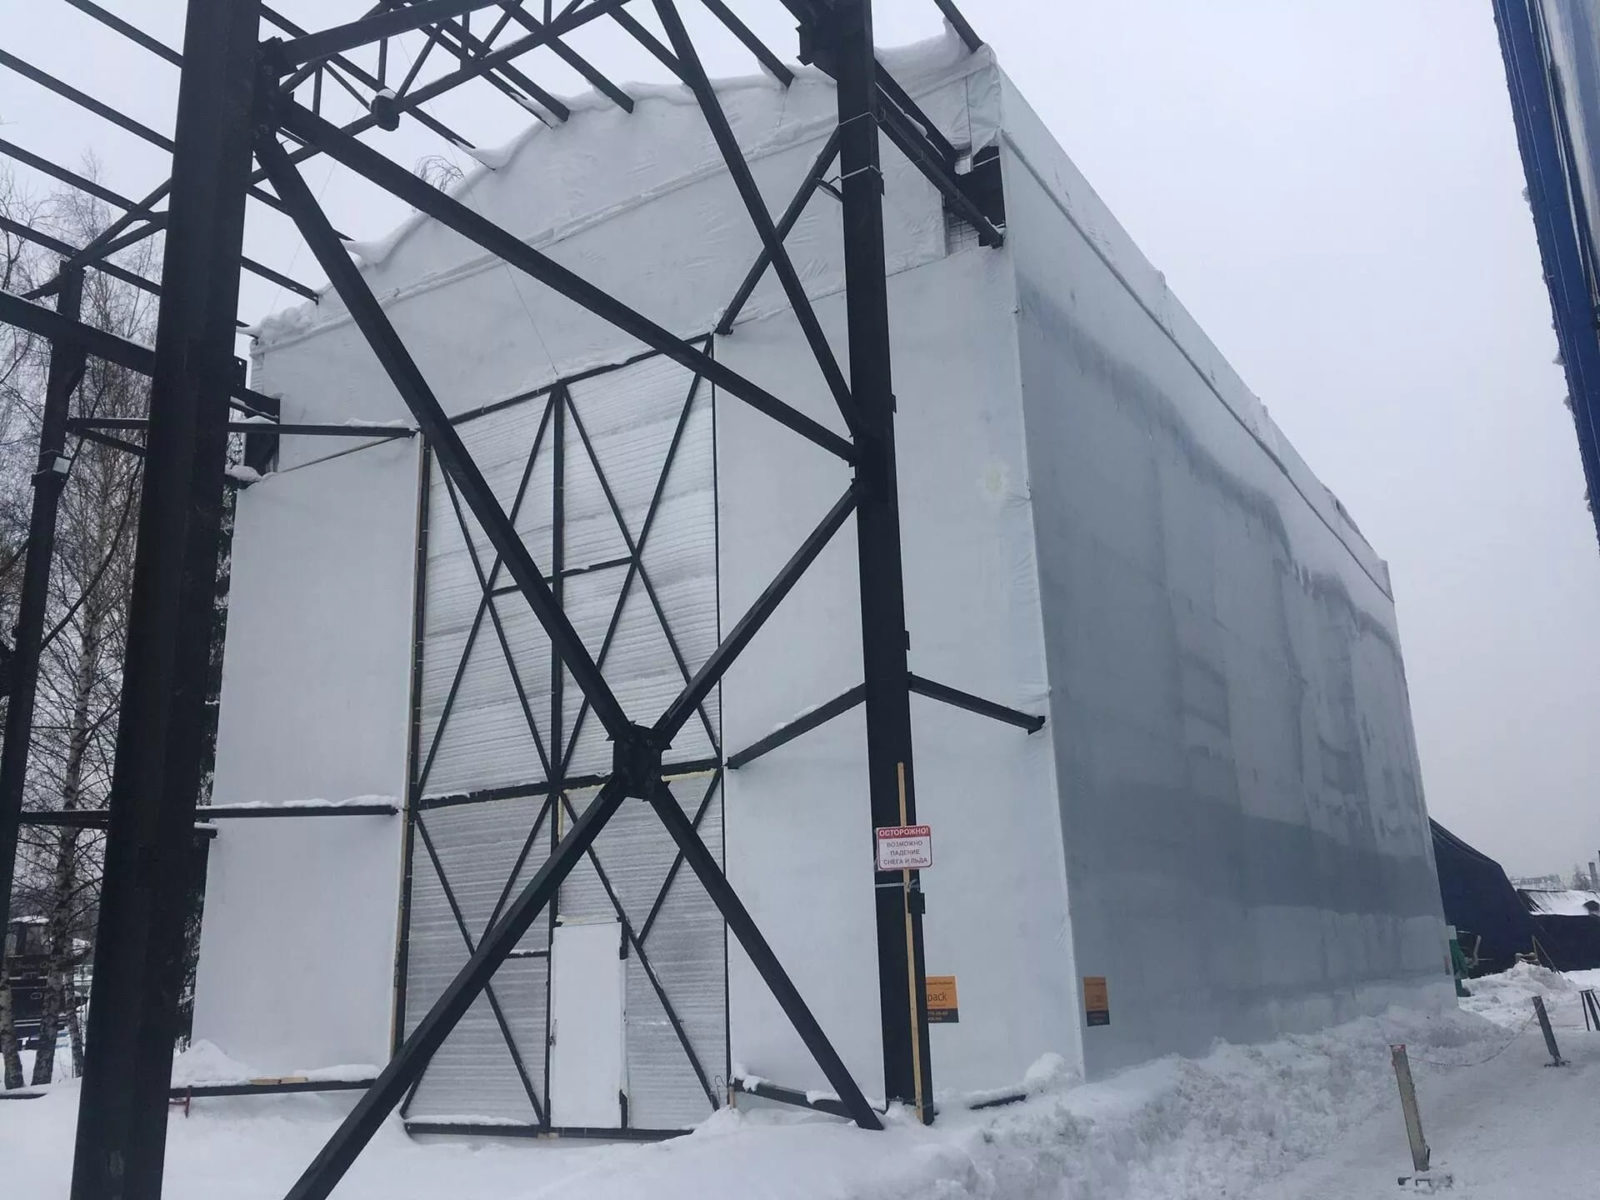 Монтаж укрытия из термоусадочной пленки для крупногабаритного судна